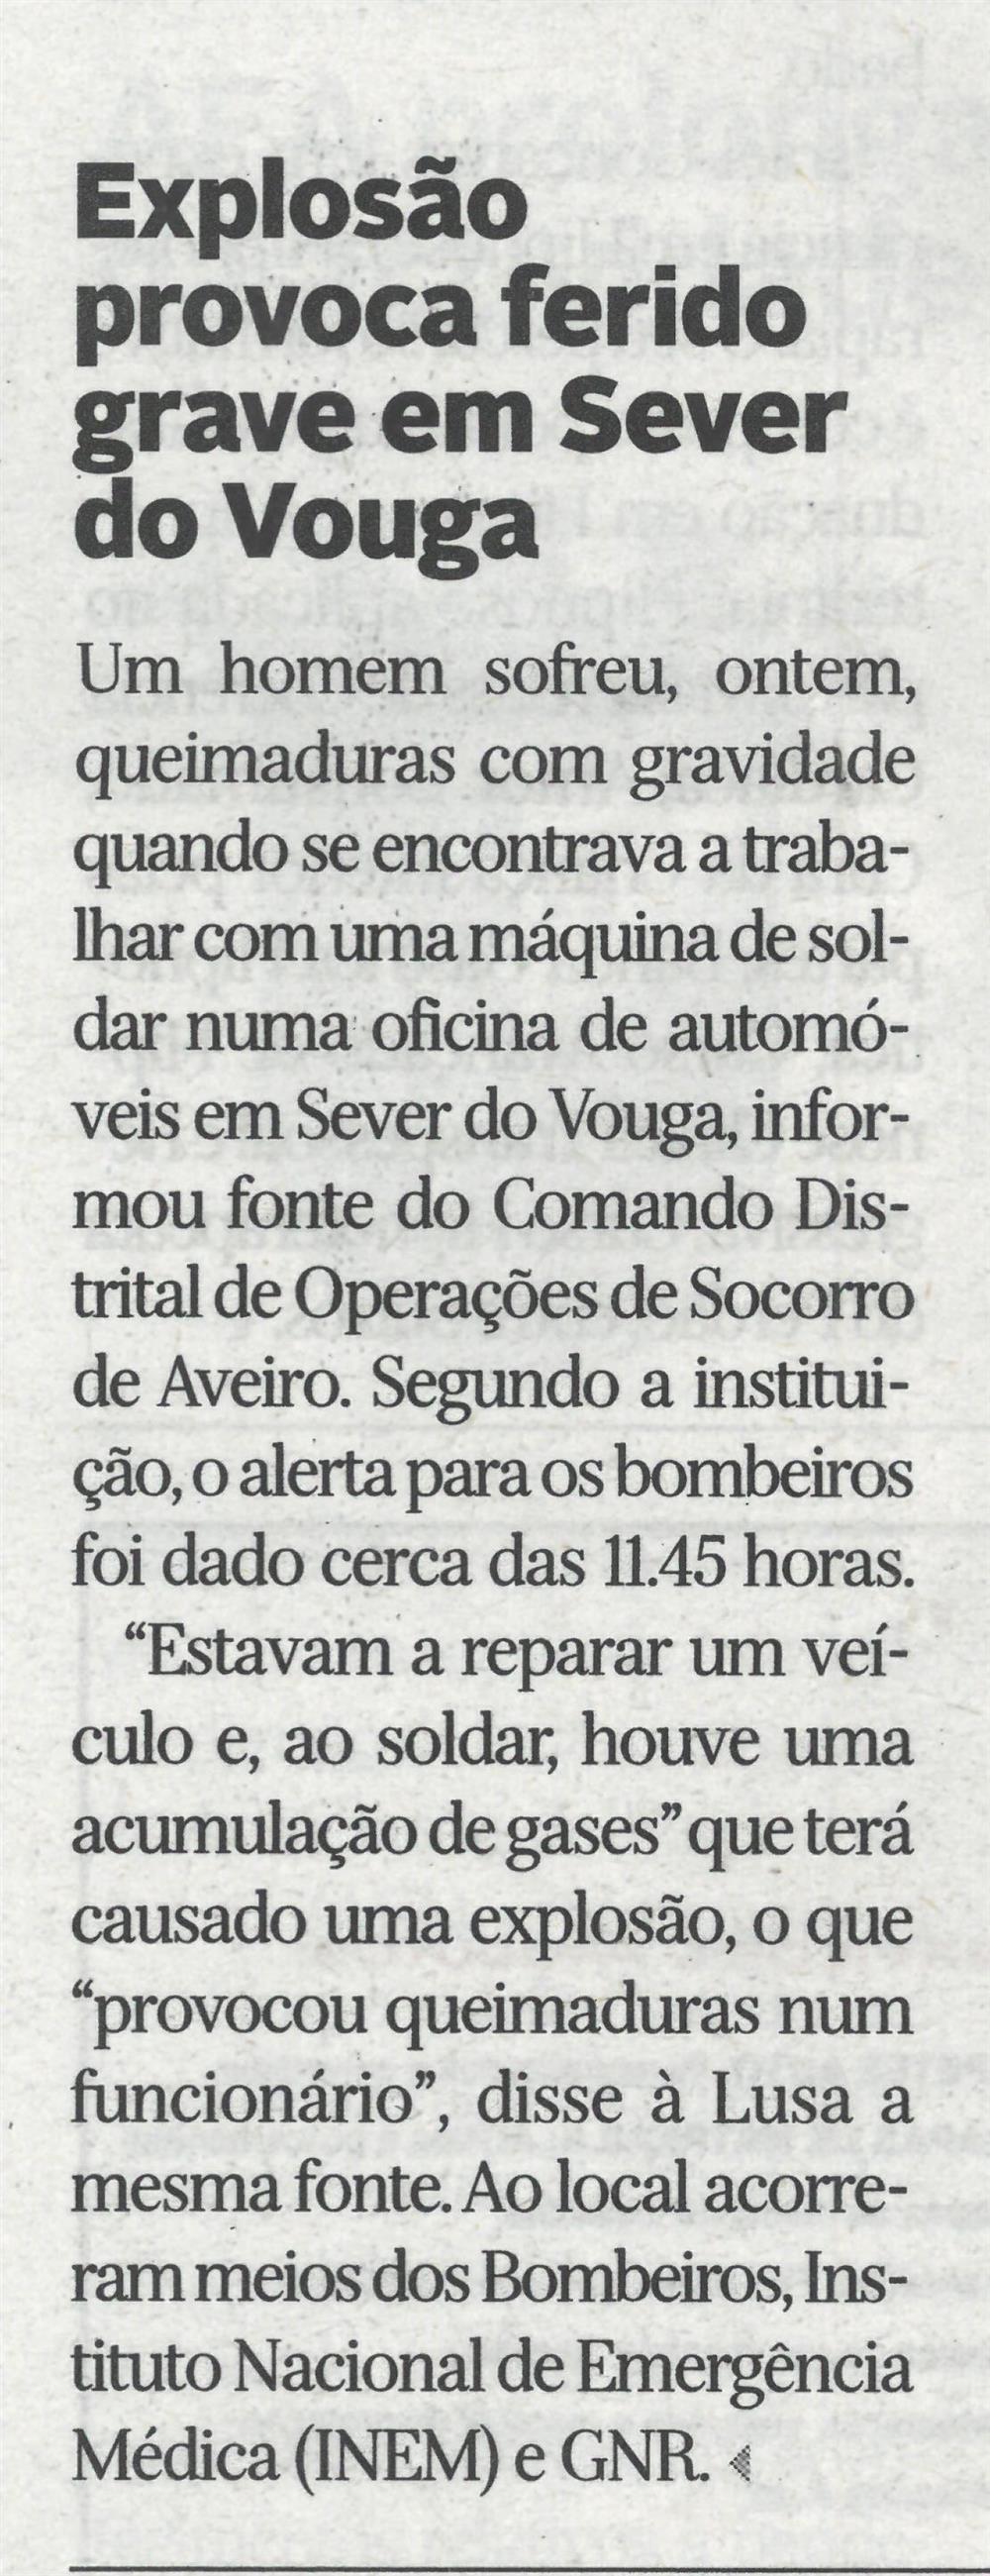 DA-17mar.'20,p.32-Explosão provoca ferido grave em Sever do Vouga.jpg